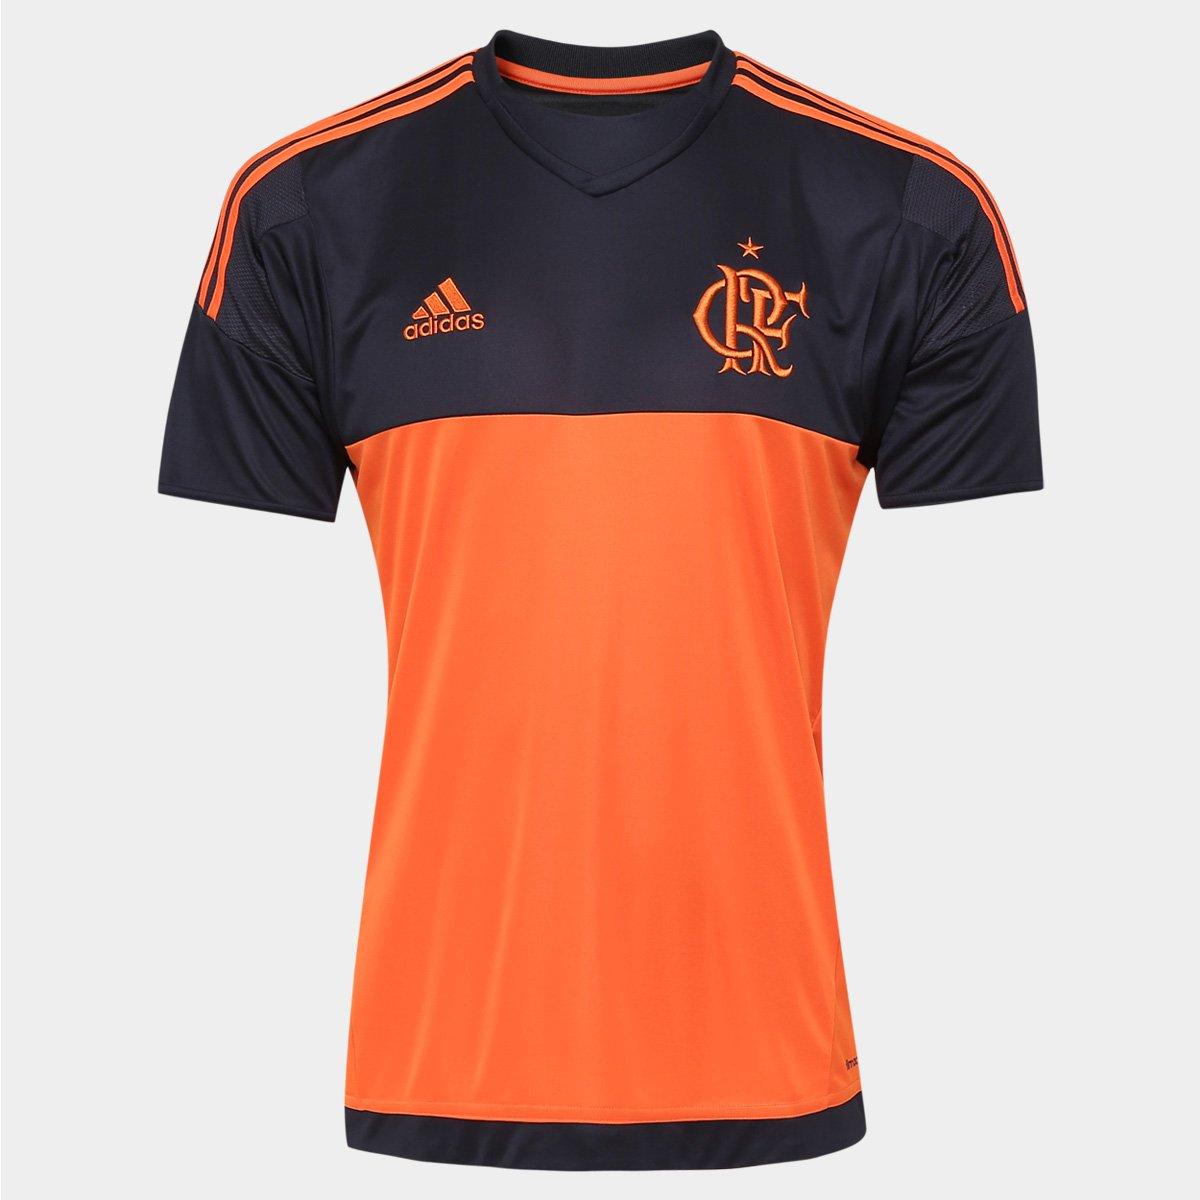 Camisa Adidas Flamengo Goleiro 2016 s nº - Compre Agora  d278ab39fb8ae